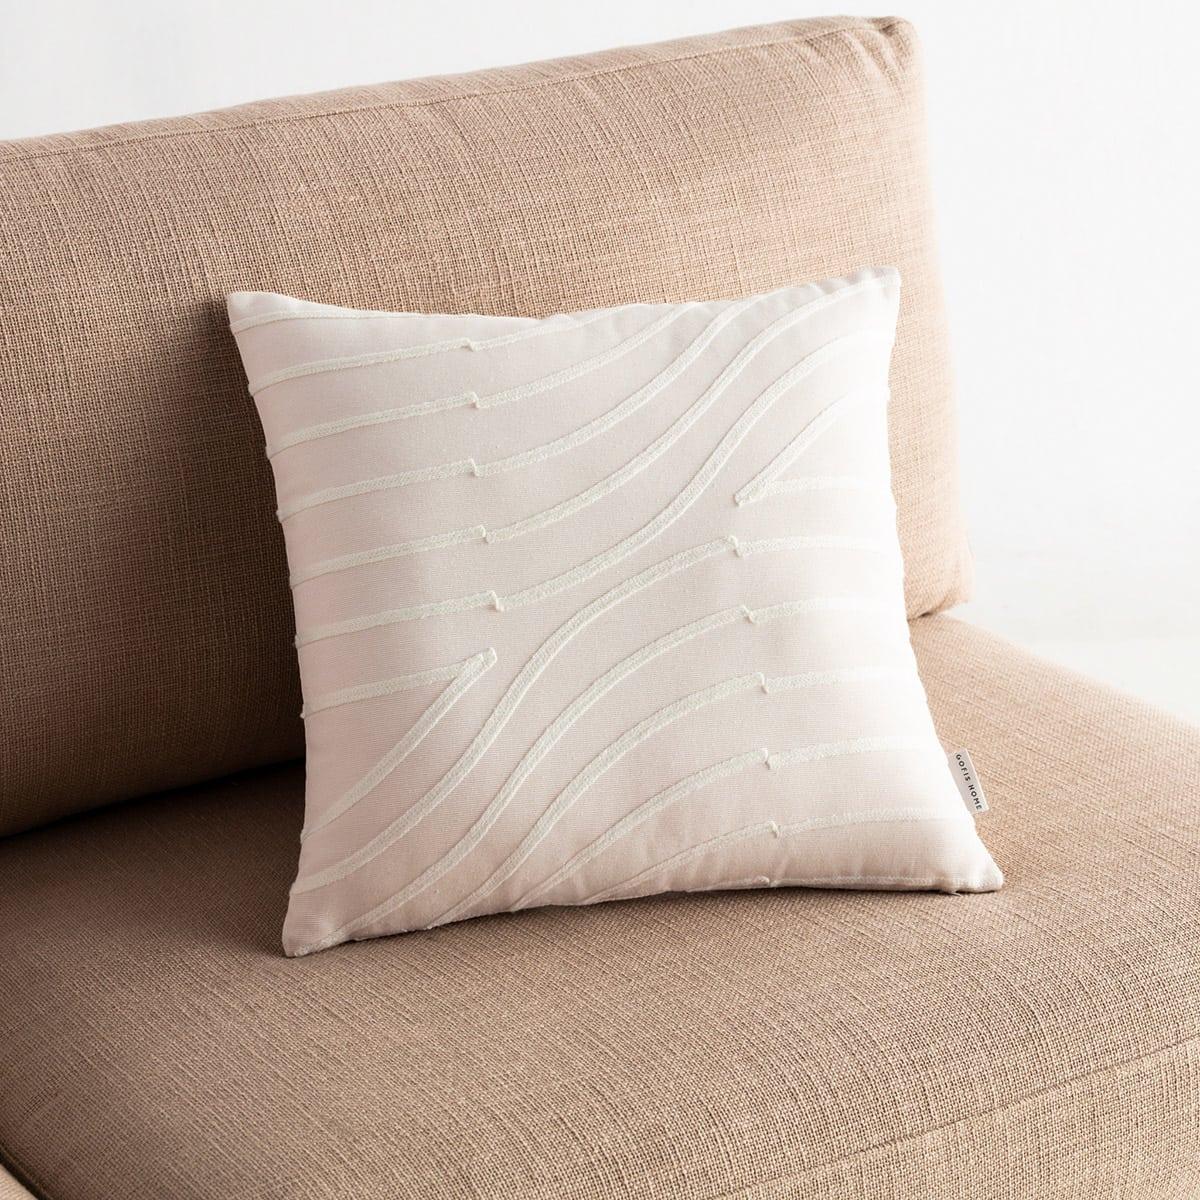 Μαξιλαροθήκη Διακοσμητική Amon 261/16 Off White Gofis Home 45X45 100% Polyester